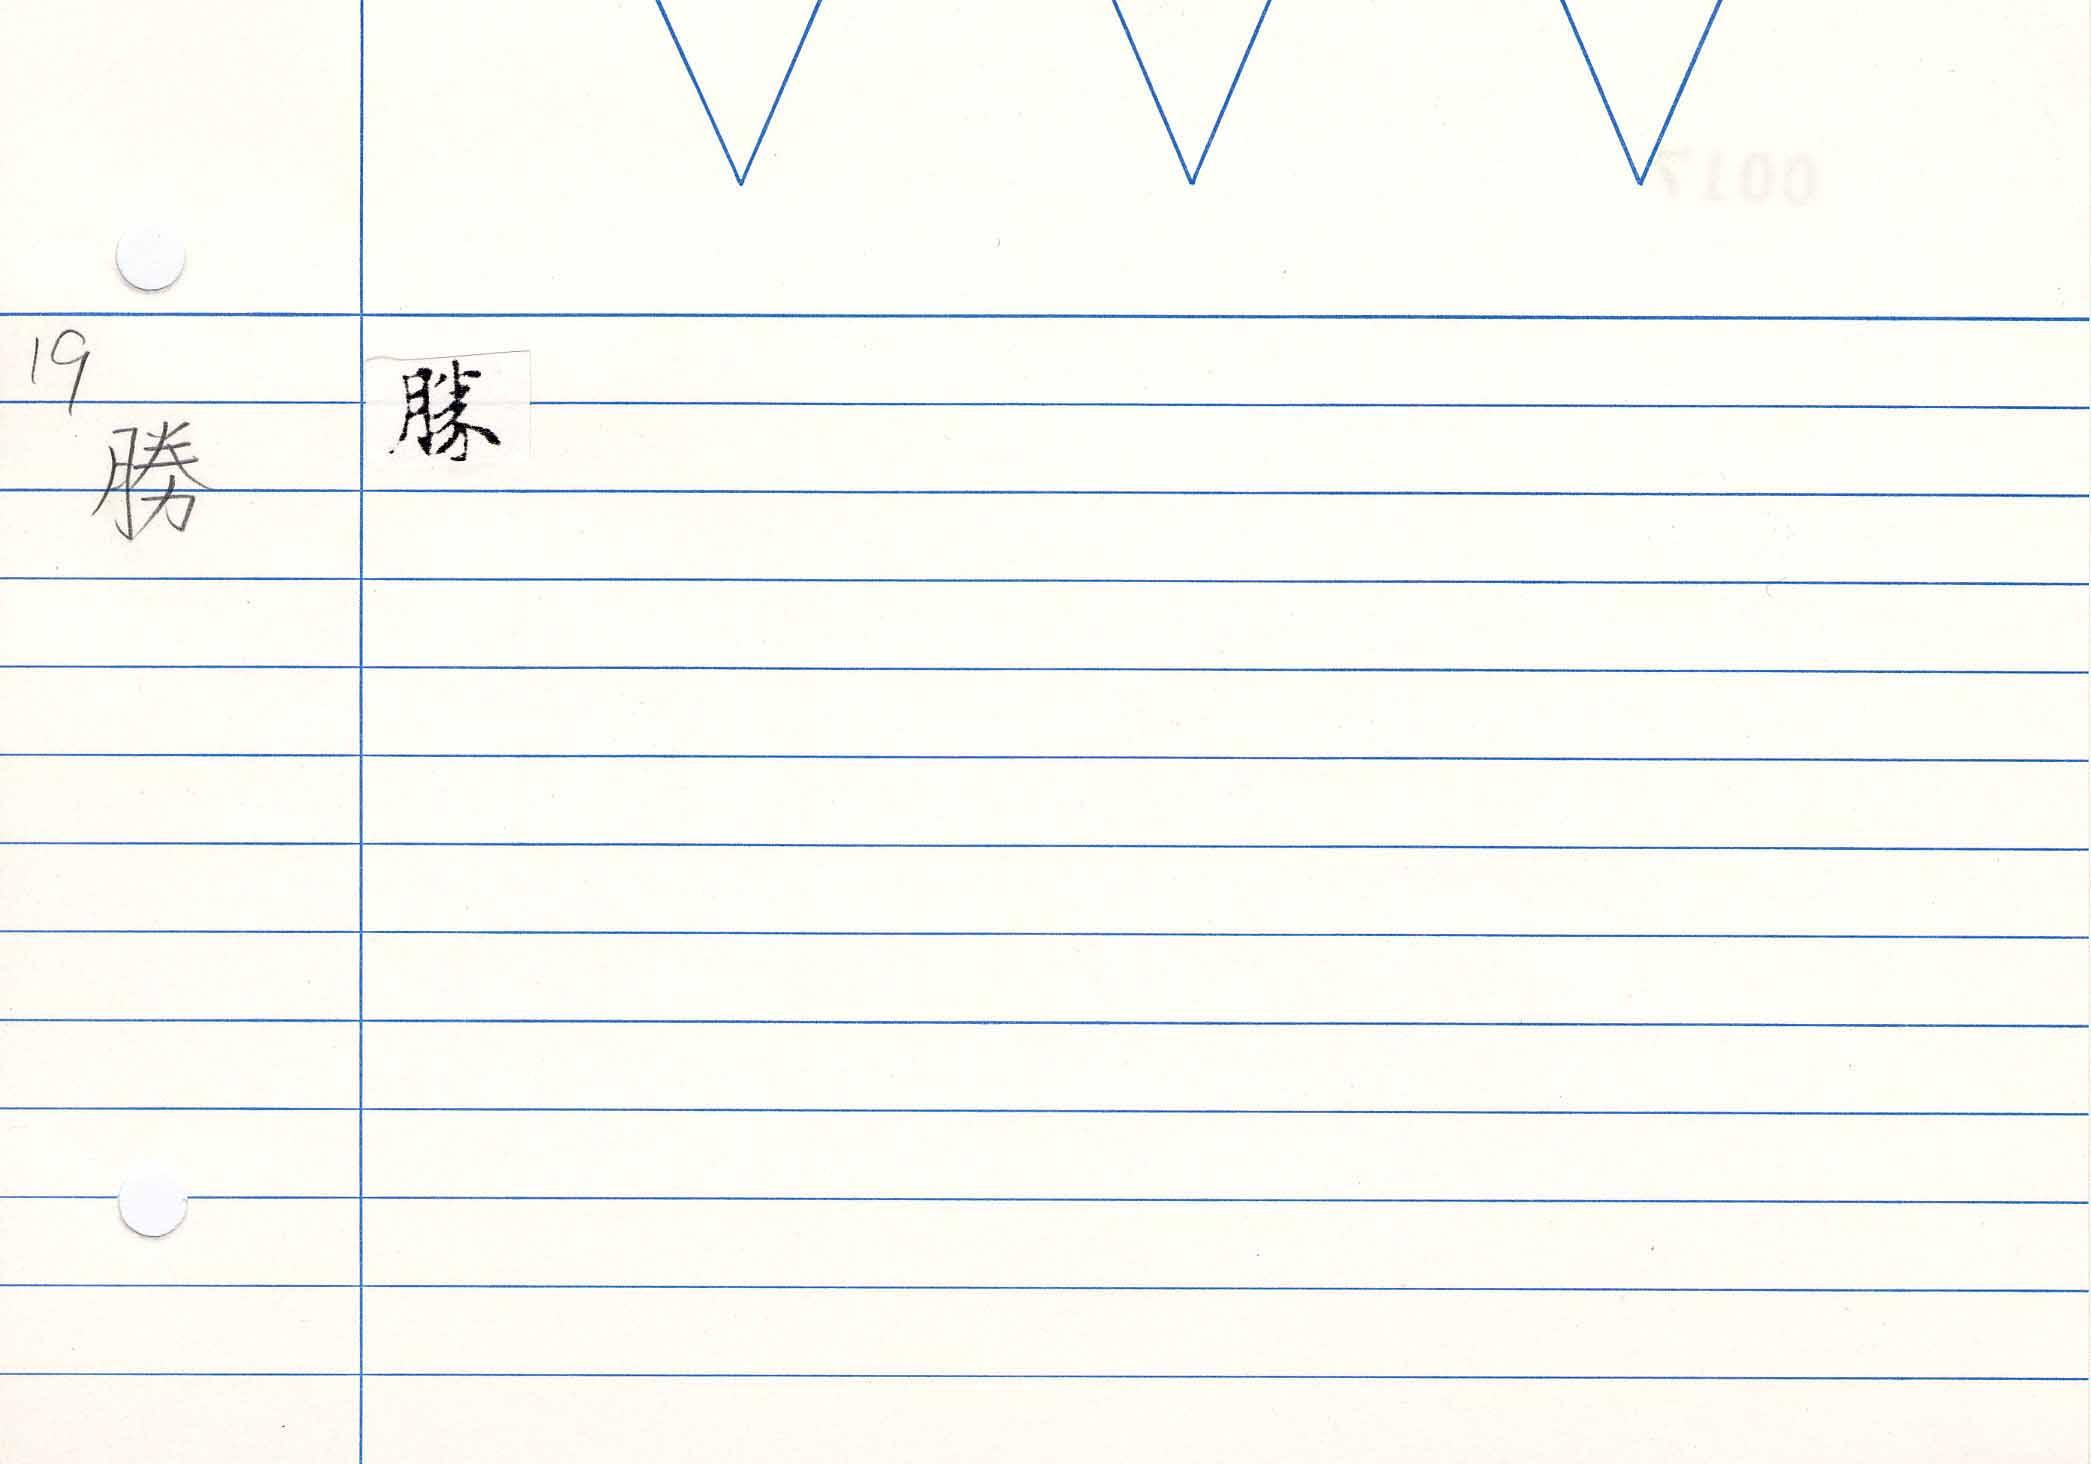 13_妙法蓮華經卷八(S.2577)/cards/0017.jpg